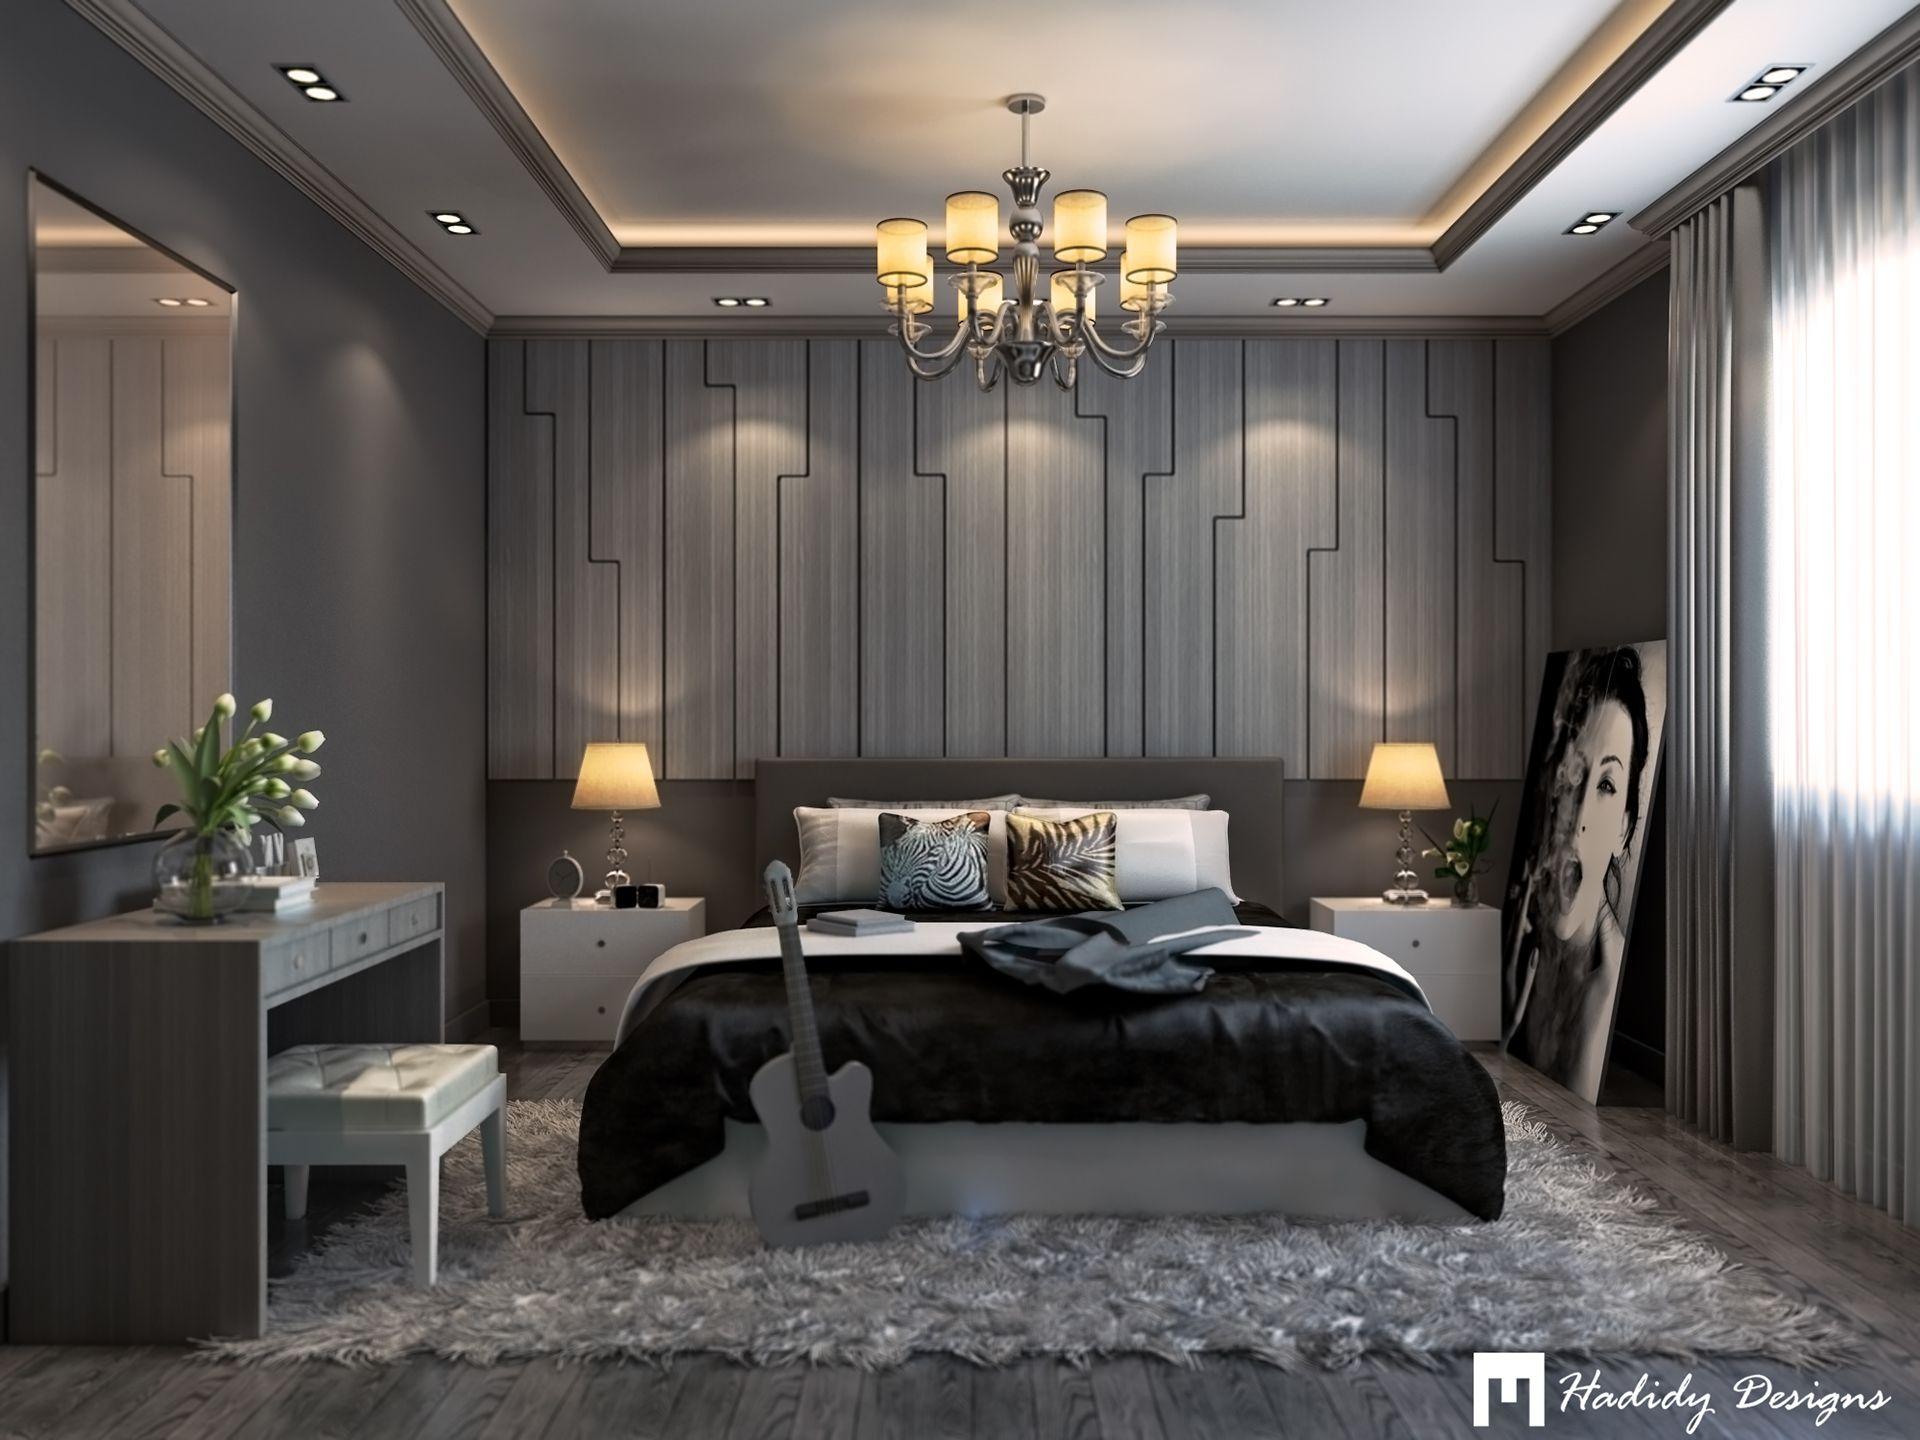 Artistic Bedroom Design In Cairo On Behance Bedroom Design Luxurious Bedrooms Bedroom Bed Design